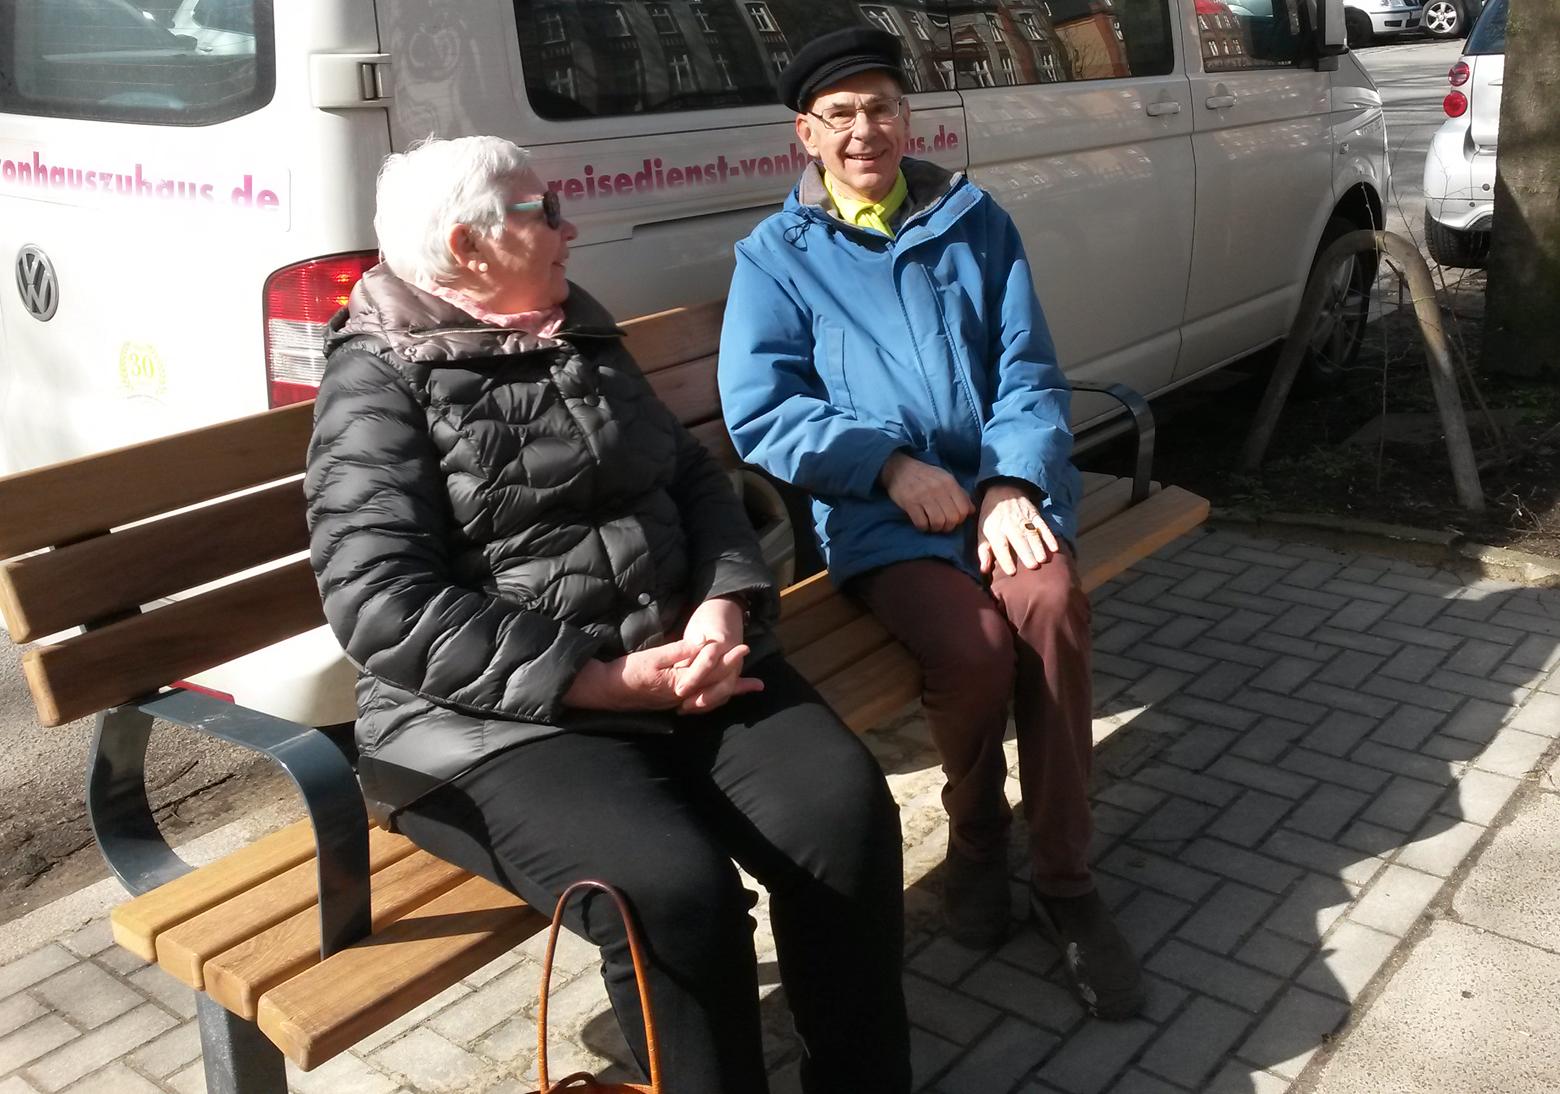 Neue Bänke für die Frickestraße – Hort der Ruhe und Erholung?